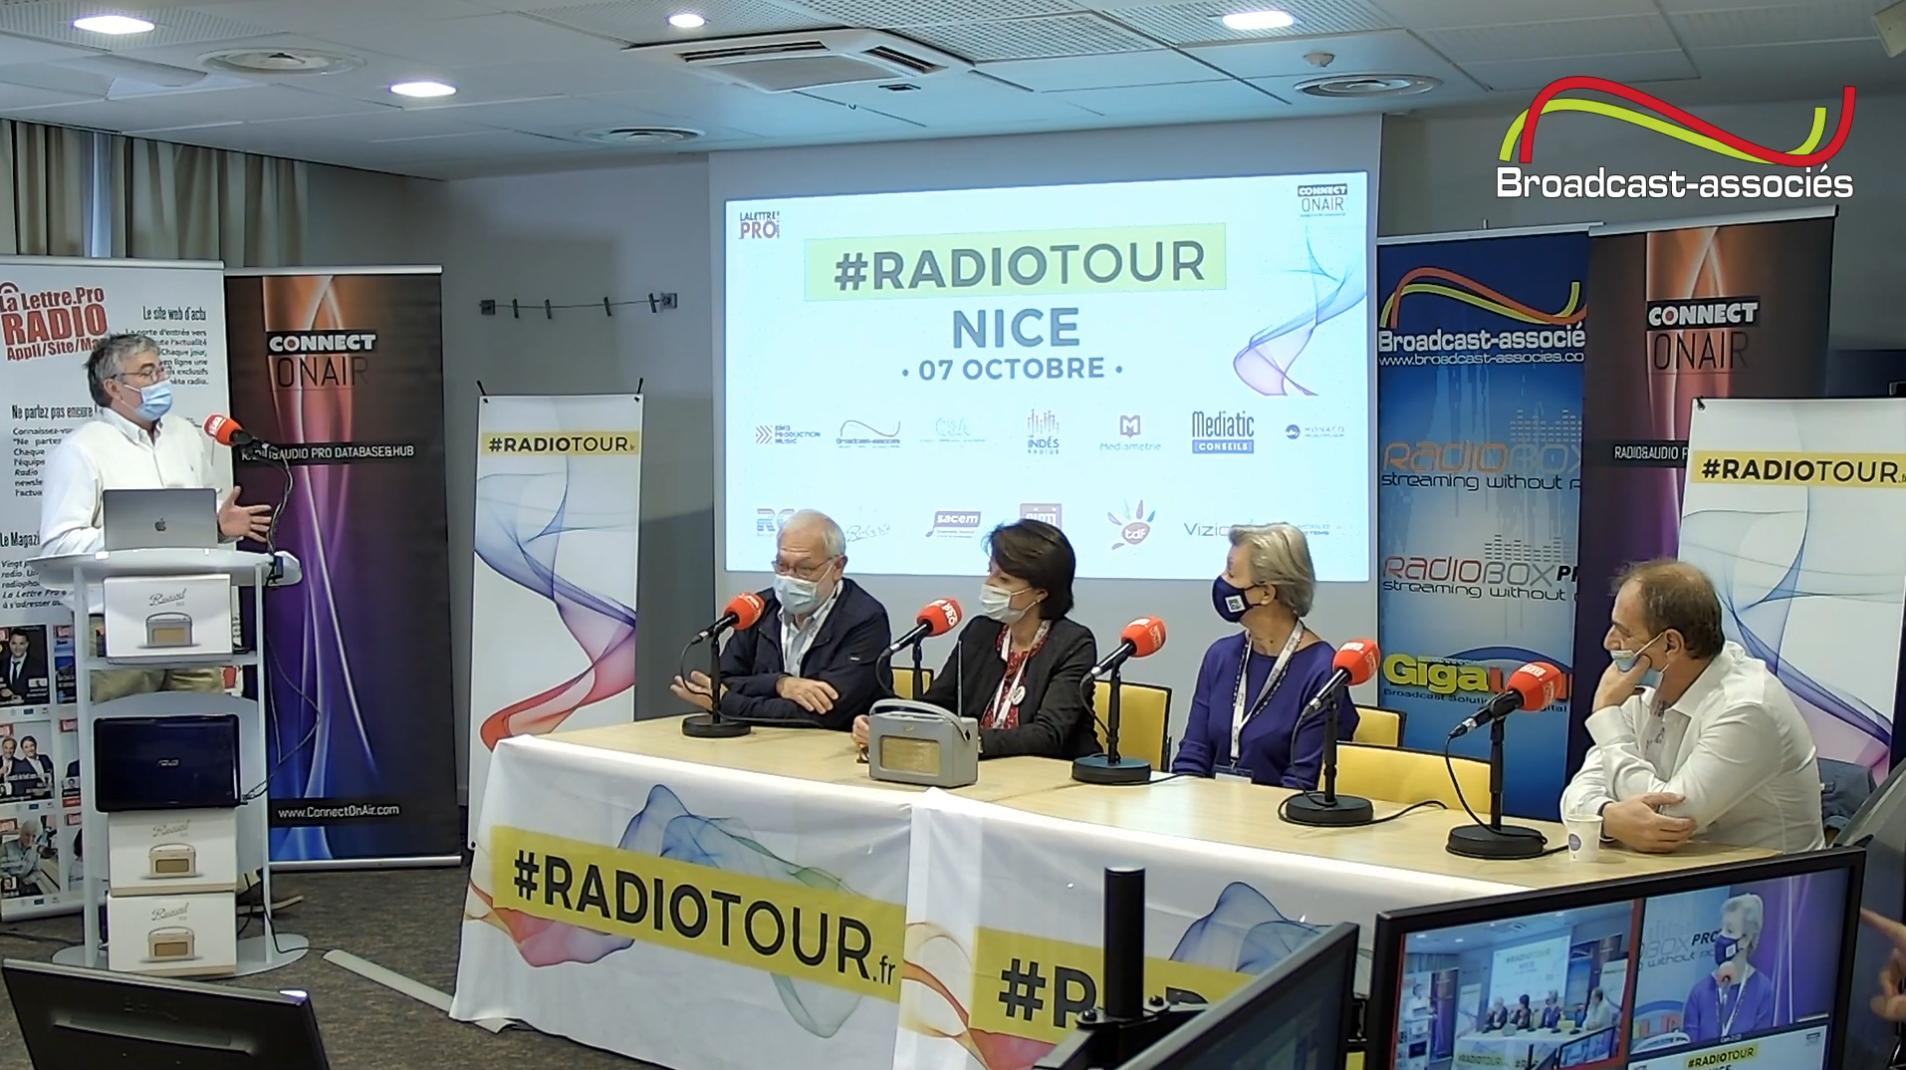 De gauche à droite : Pierre Potin (président de Mosaïque FM), Agnès Luque (directrice de RCF Méditerranée), Évelyne Tonelli (présidente de Radio Ethic), et Thierry Bordes (directeur des programmes de Fréquence Mistral)